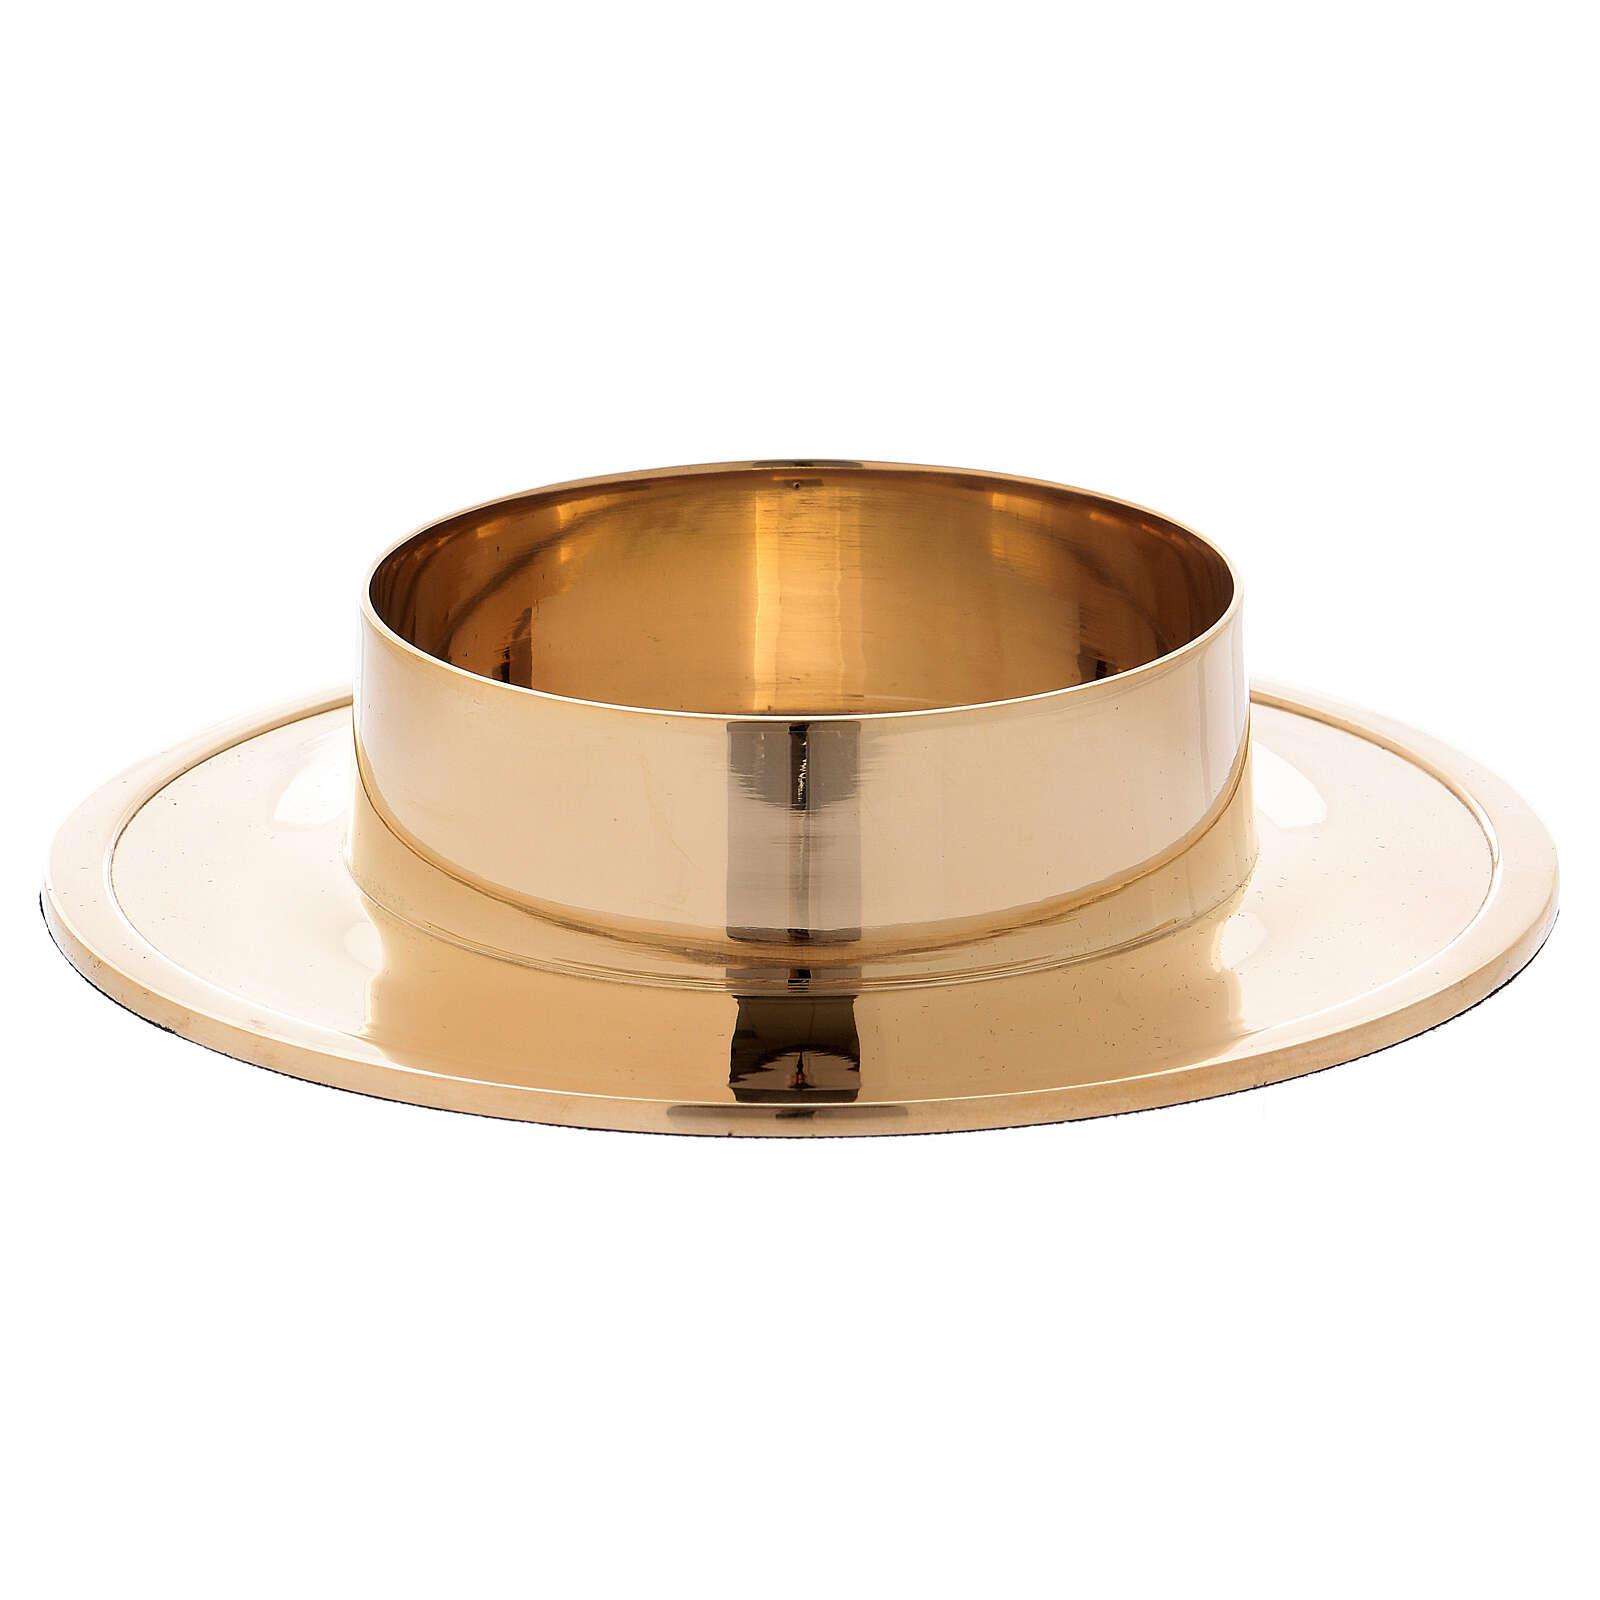 Porta-círio simples latão dourado diâm. 8 cm 4